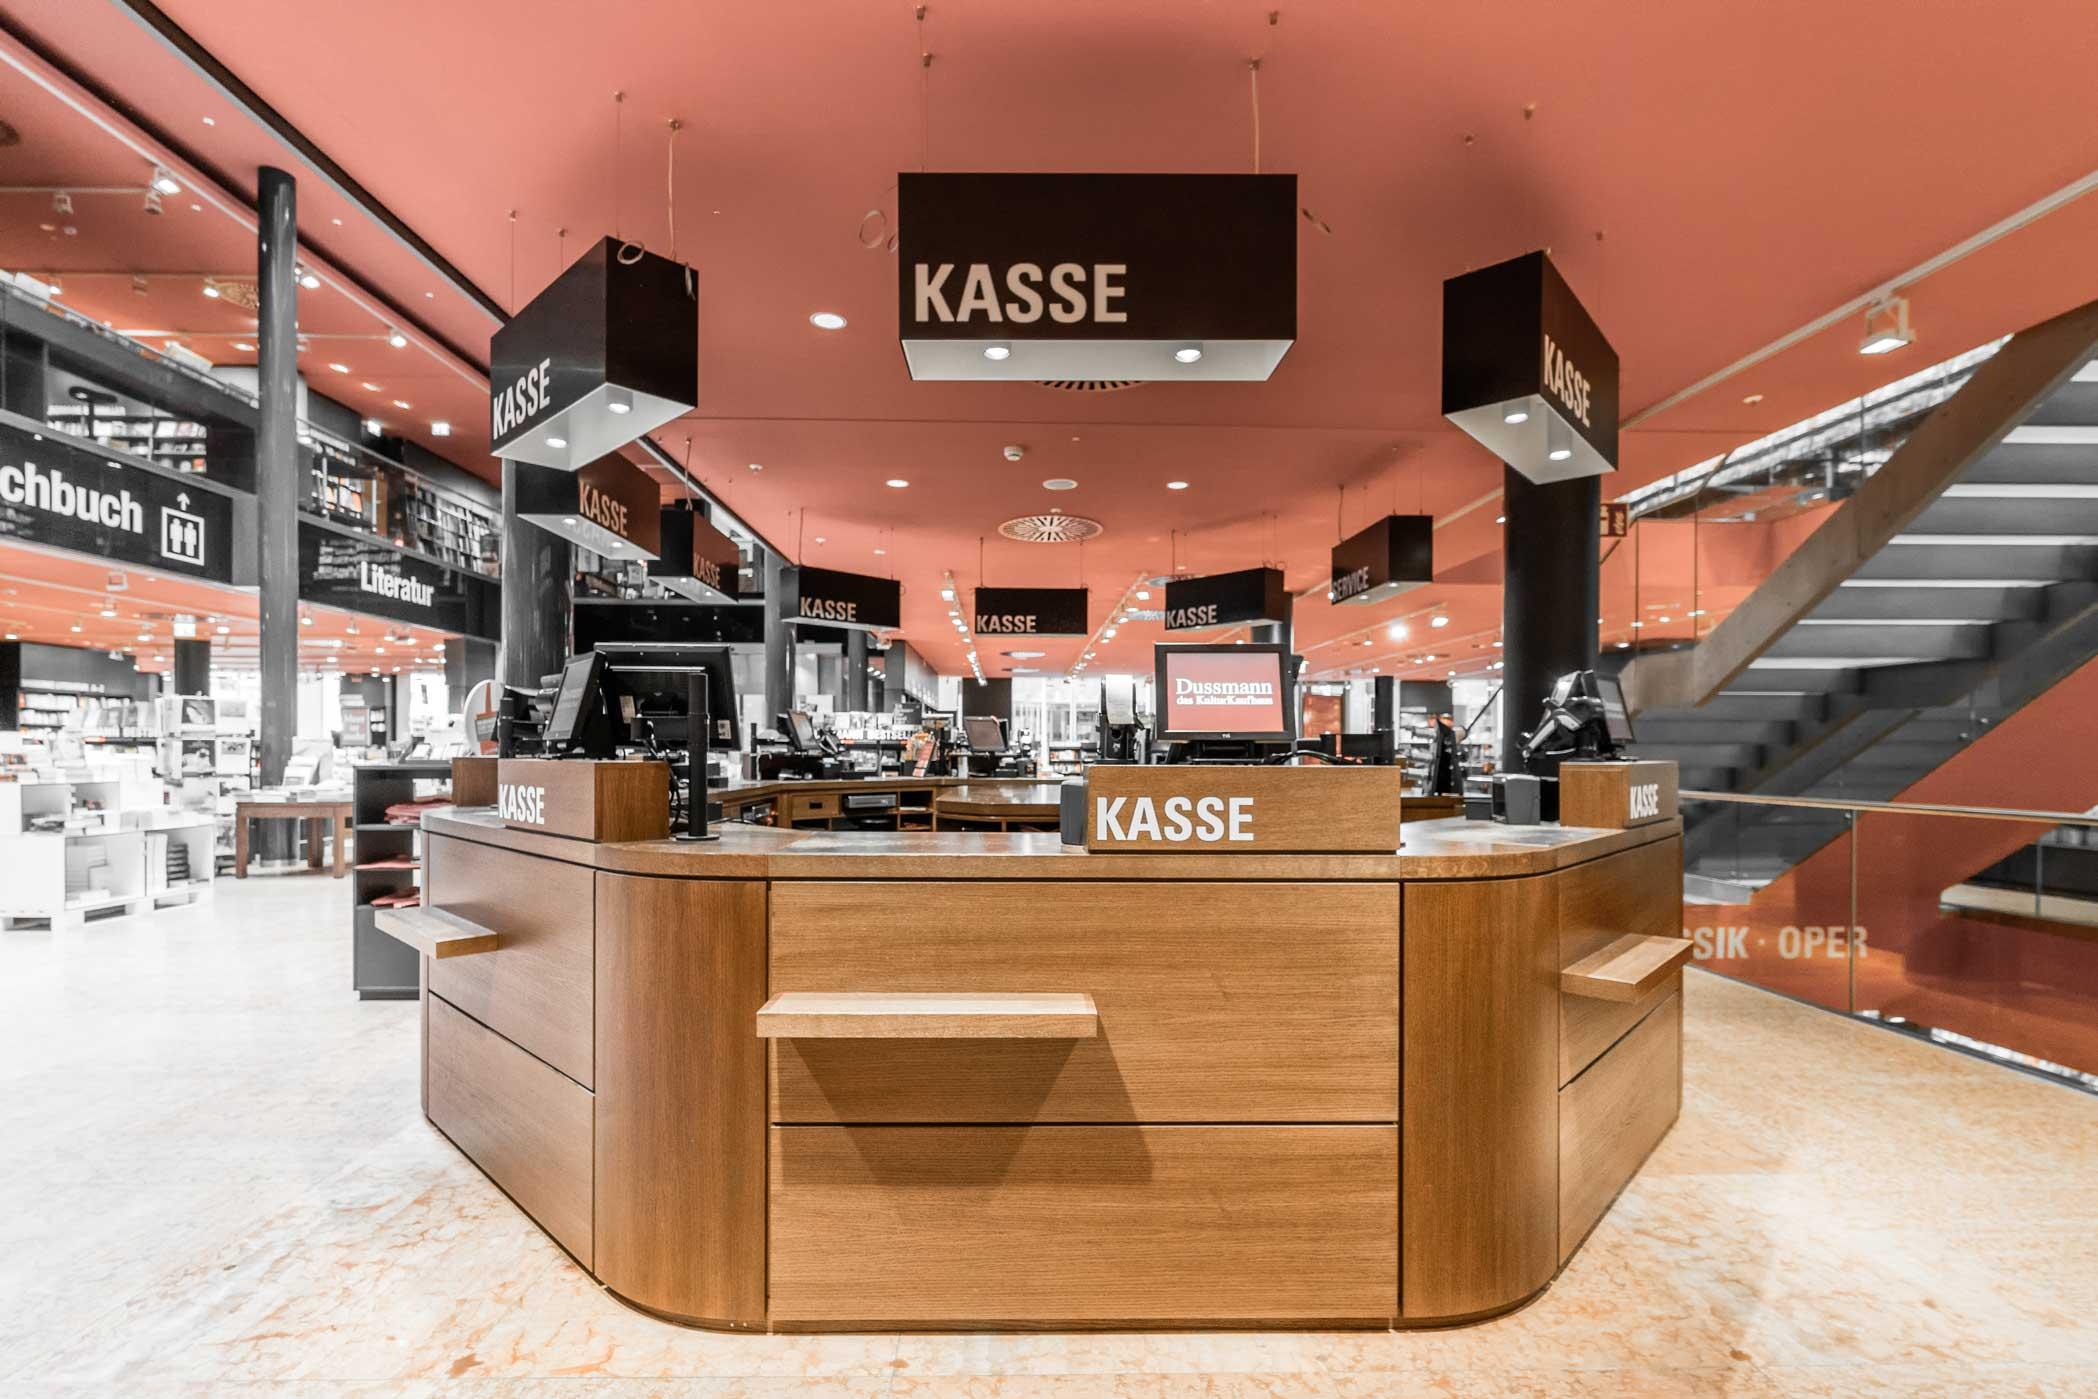 STUDIOKUBIK-architektur-architecture-berlin-interior- Kulturkaufhaus-Dussmann-Kassentresen-1